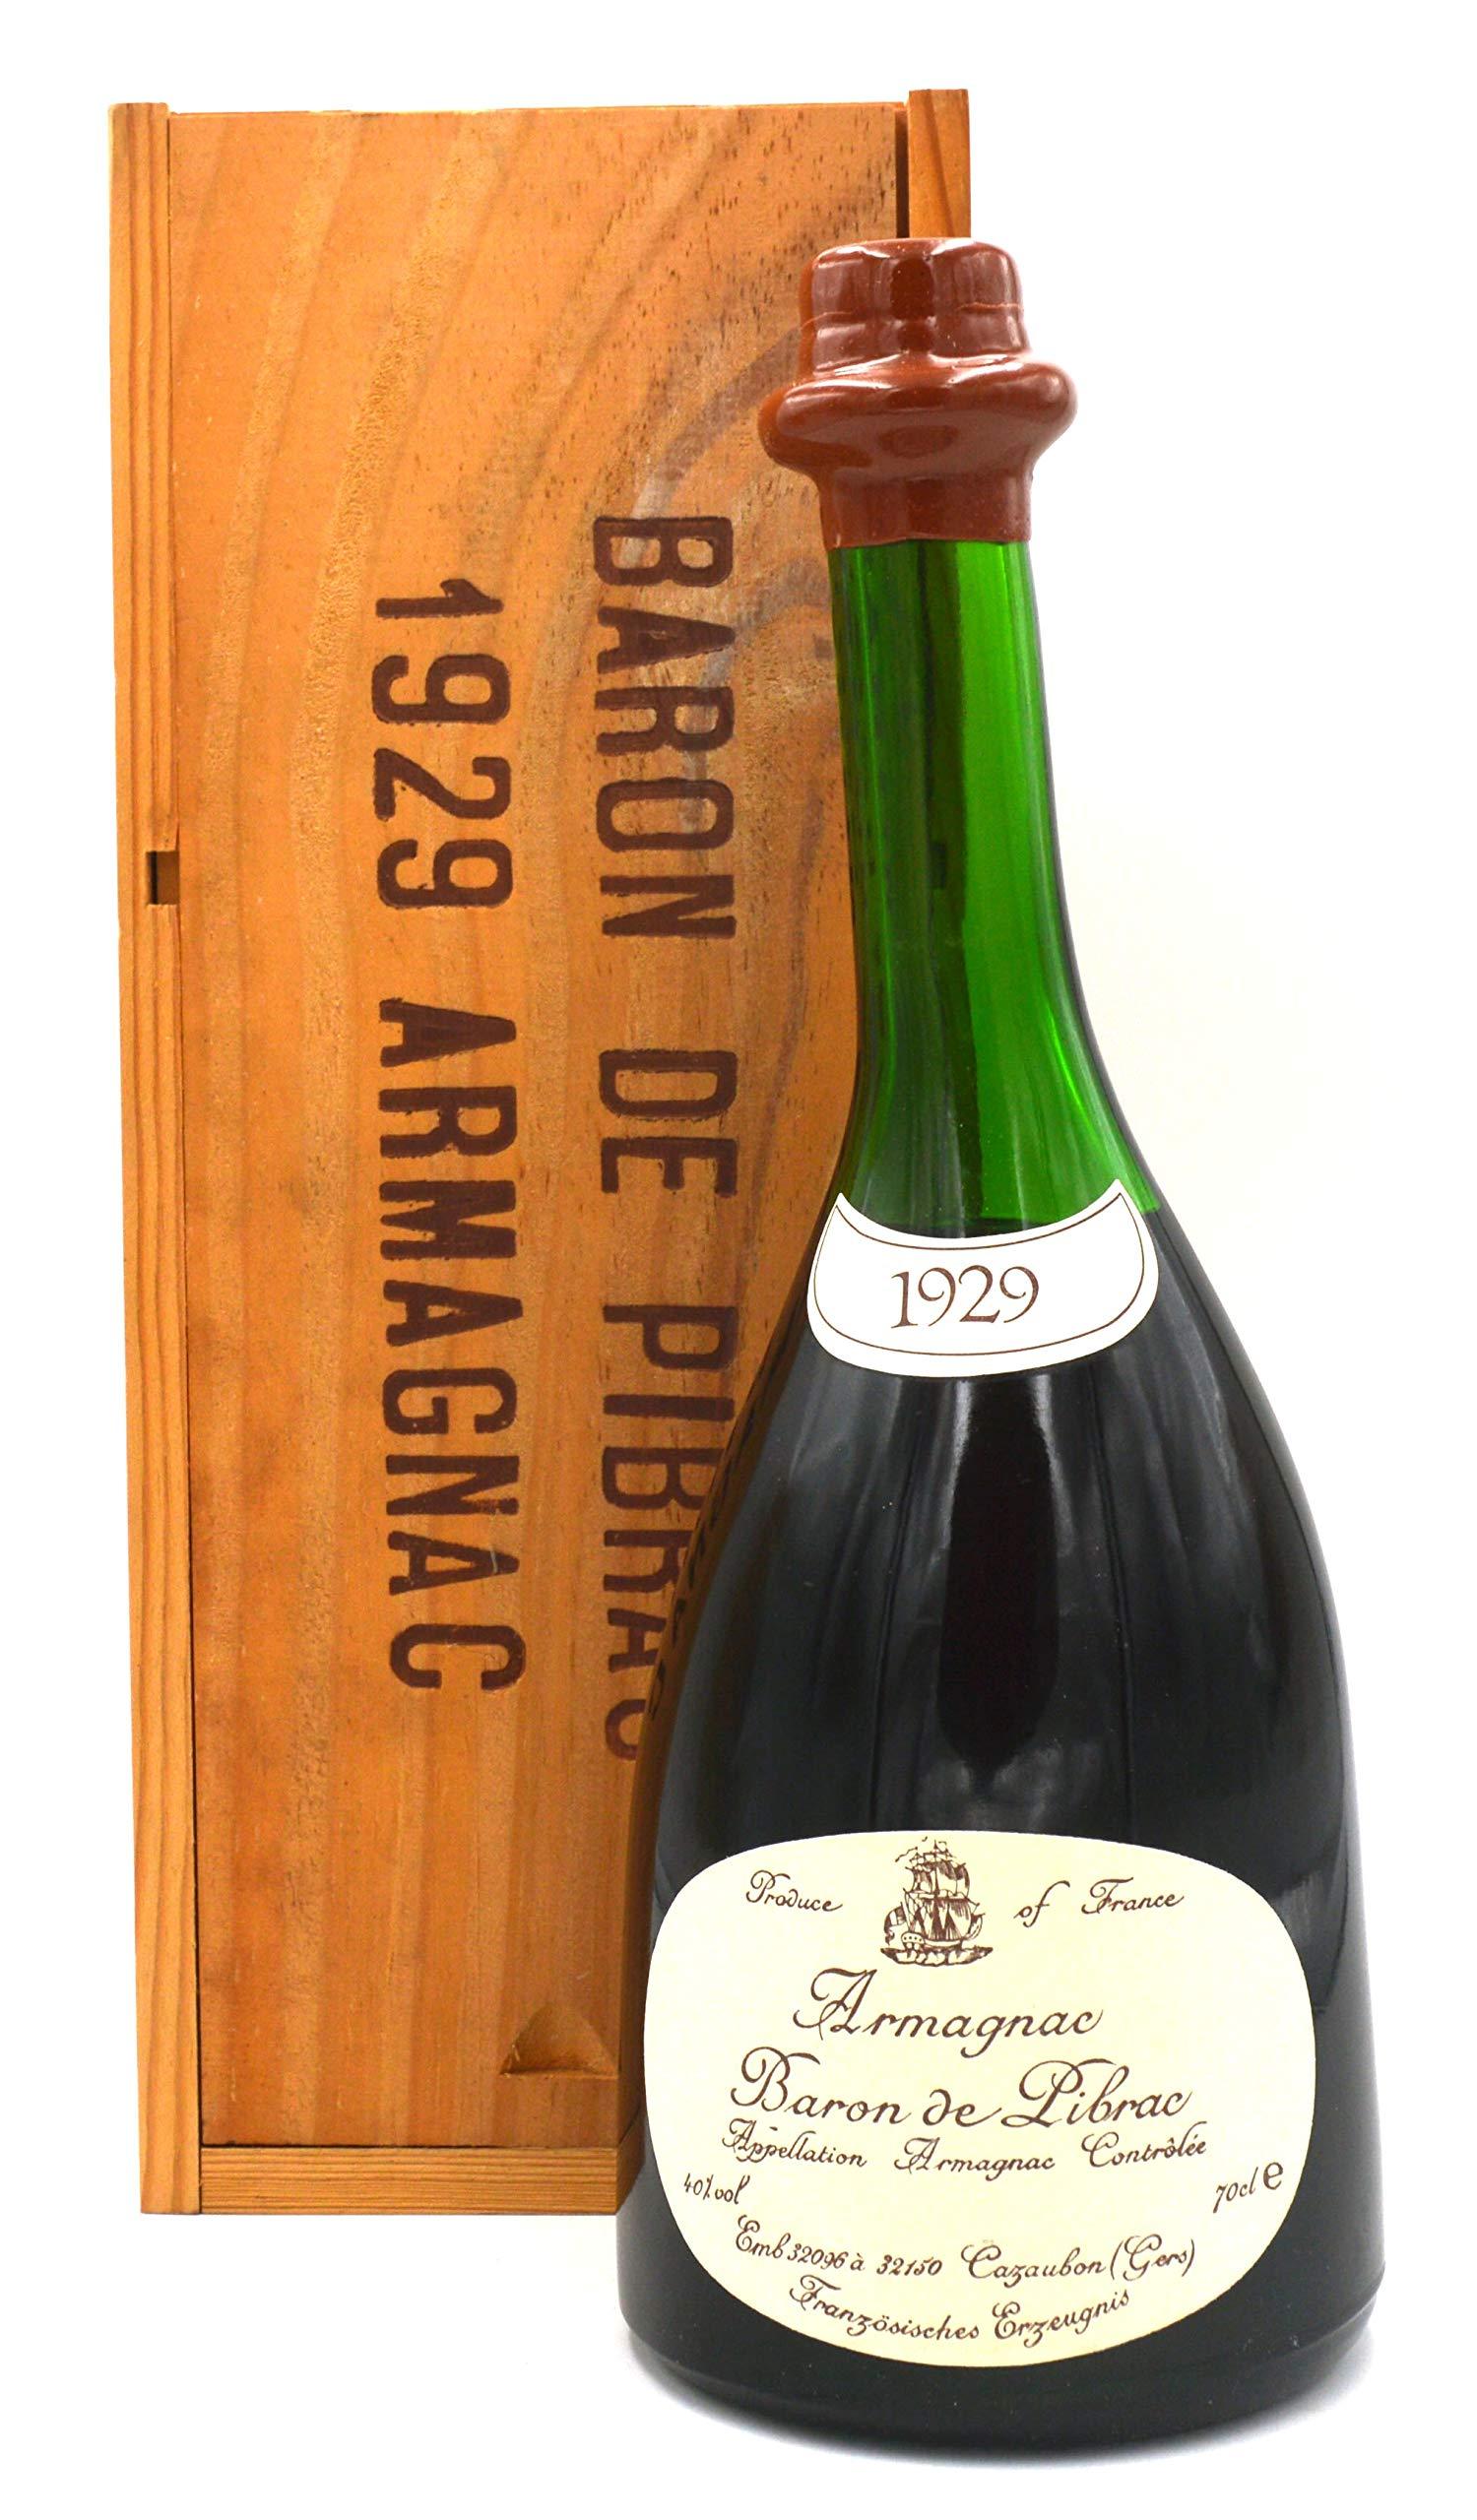 Raritt-Armagnac-Baron-de-Pibrac-07l-Jahrgang-1929-inkl-Holzkiste